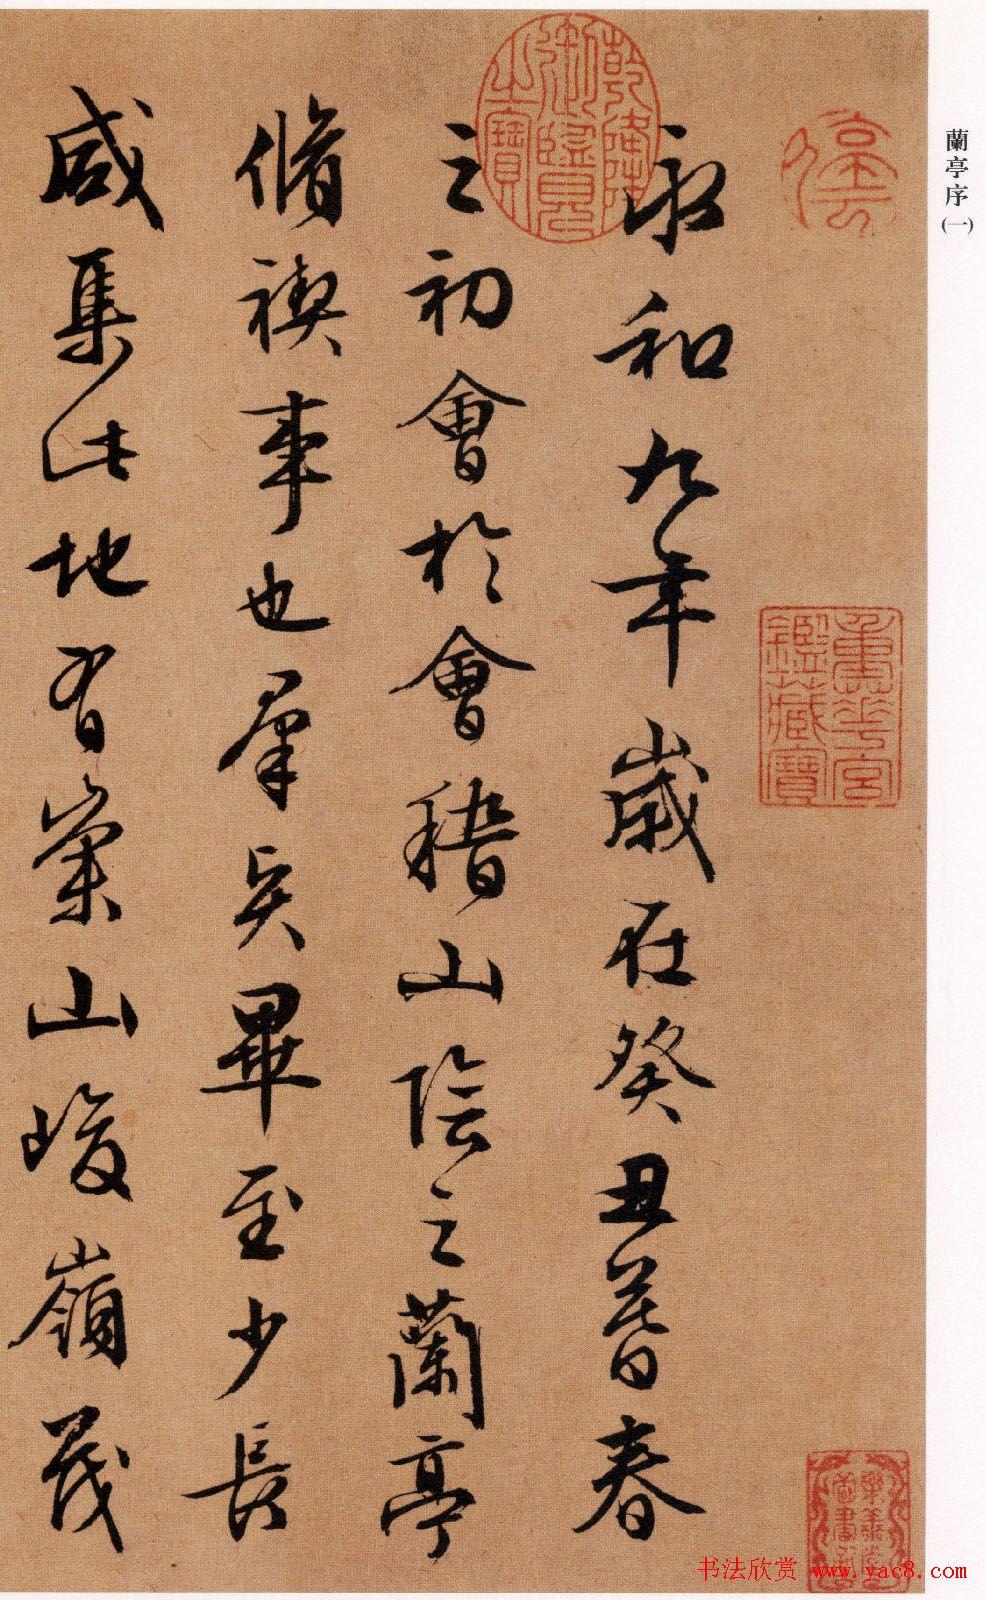 文徵明书法作品《兰亭序》五种